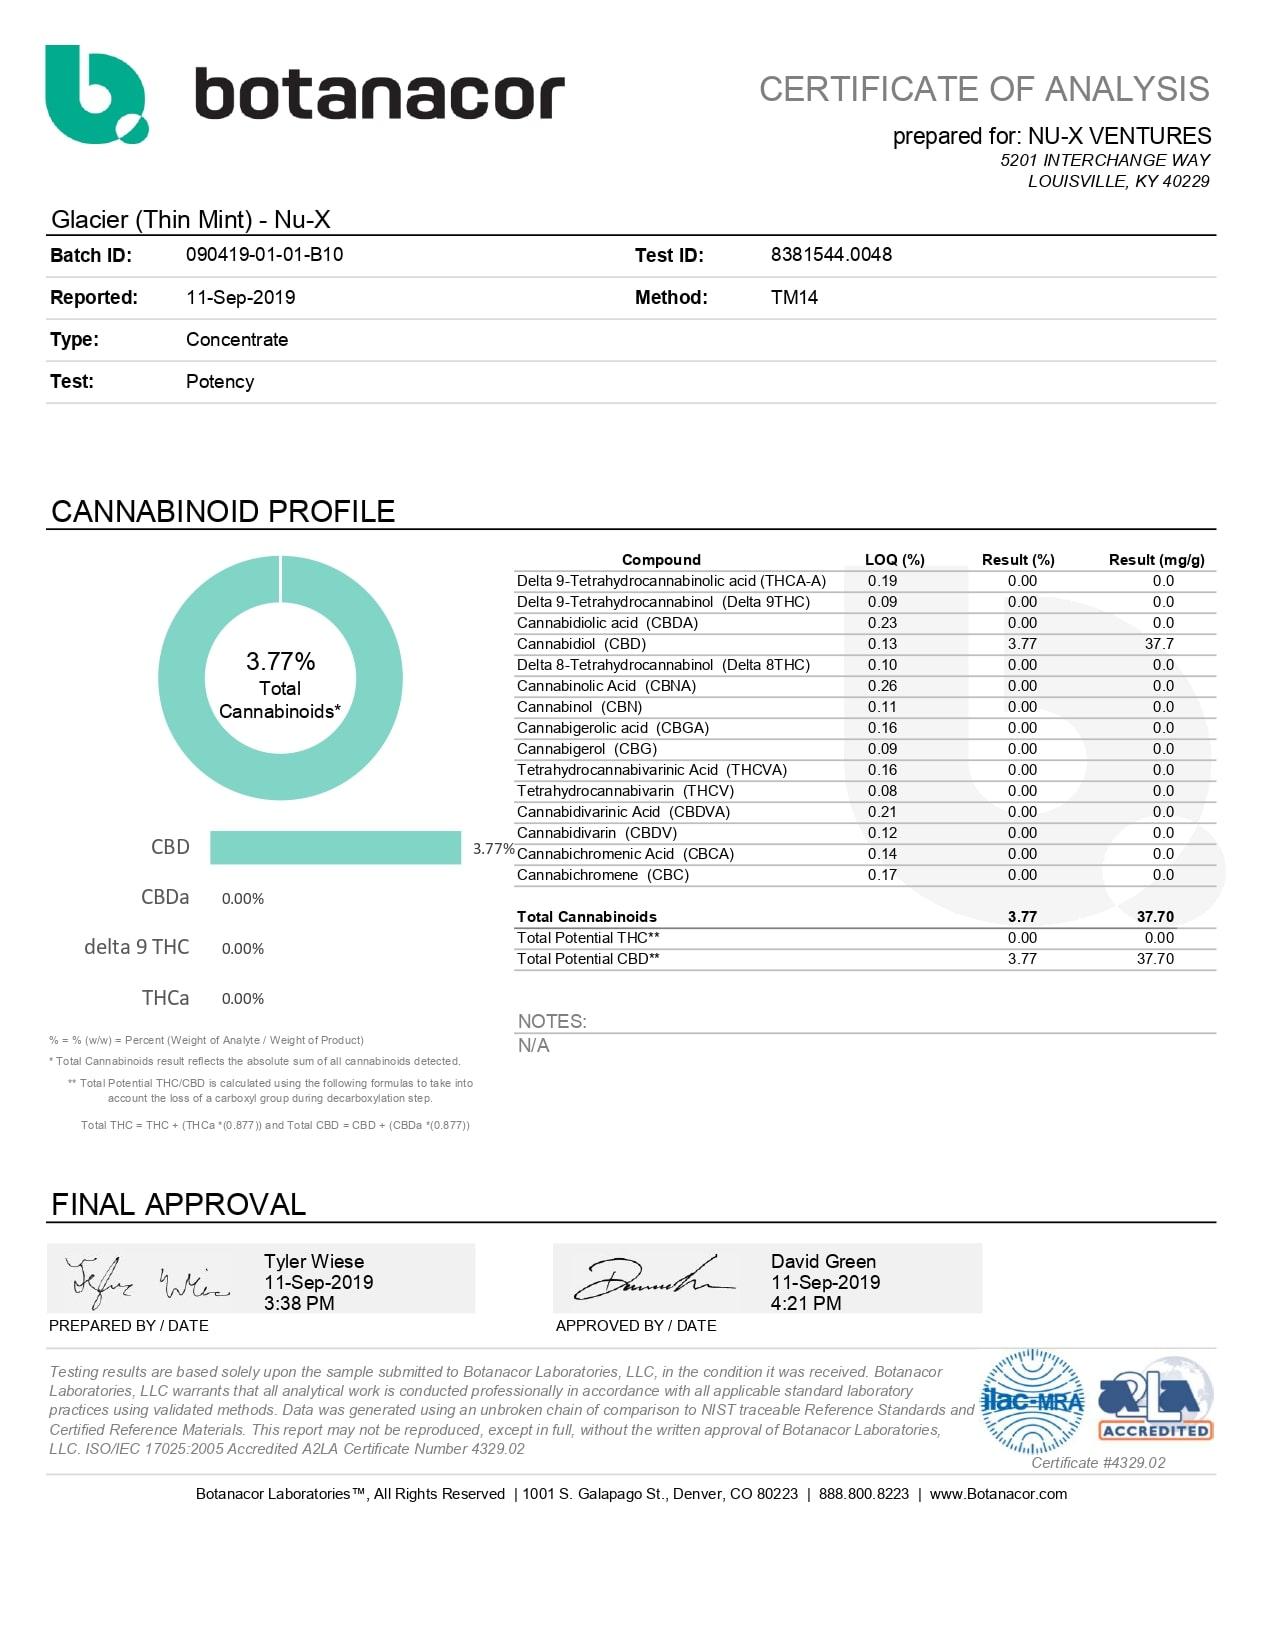 NU-X CBD Tincture Lab Report Glacier Mint 1000mg